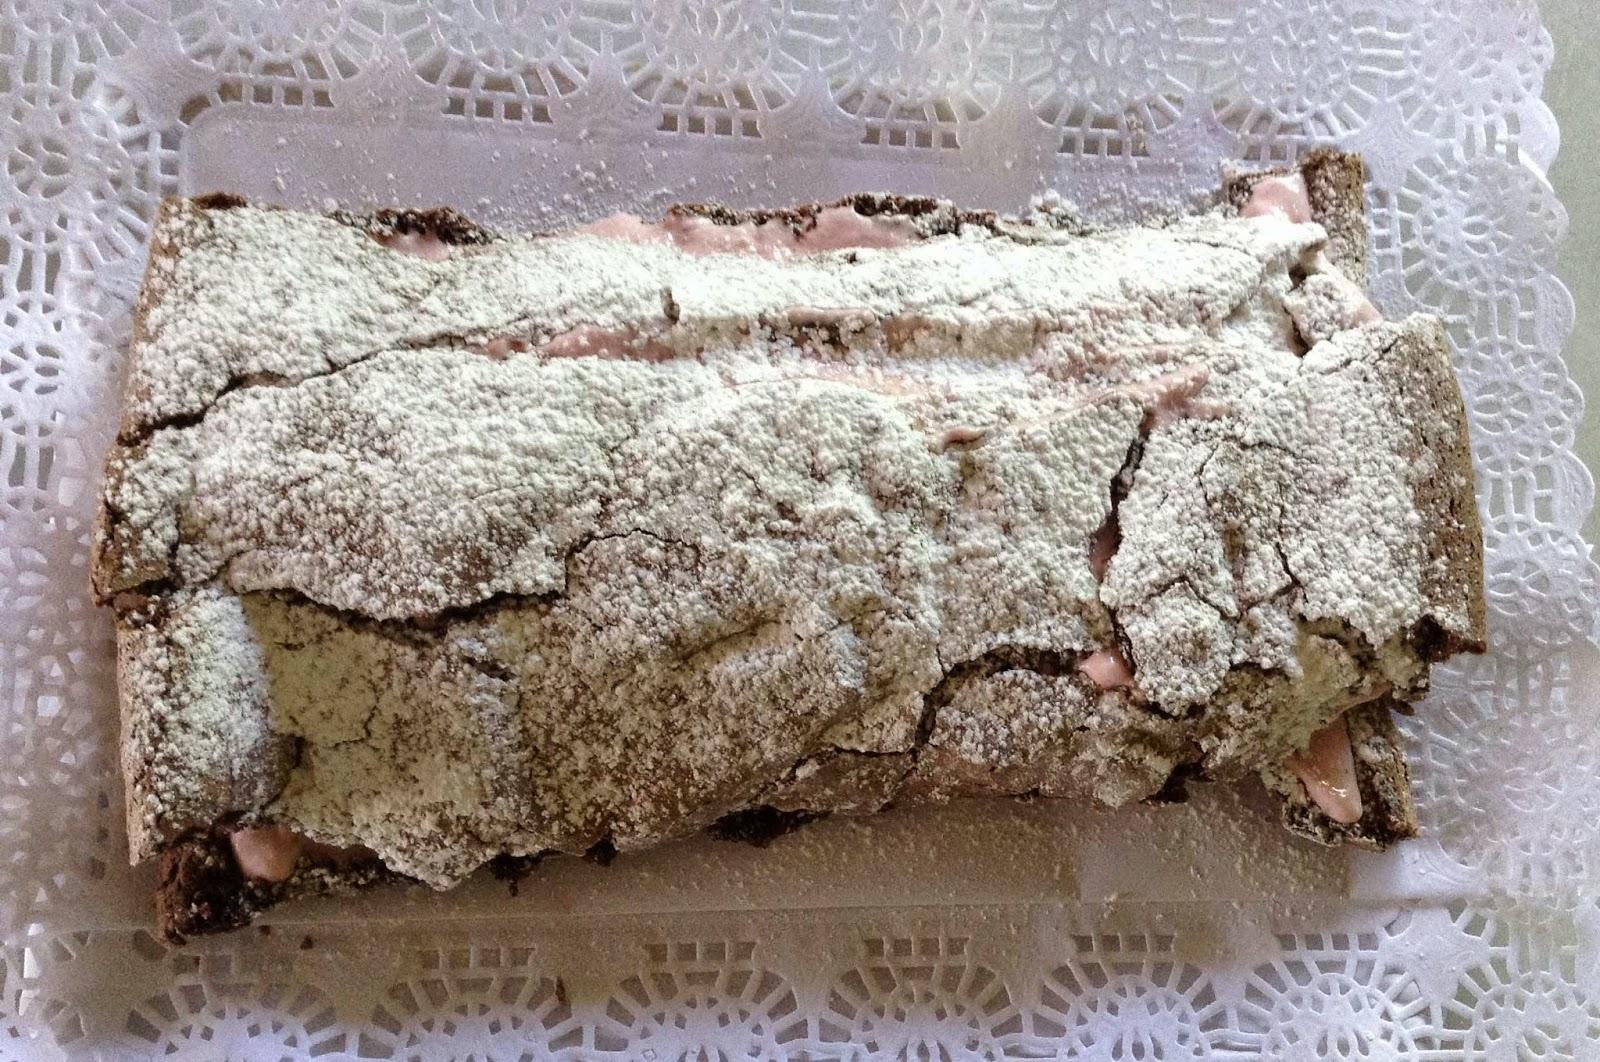 Tronco de merengue relleno de crema de fresas, receta